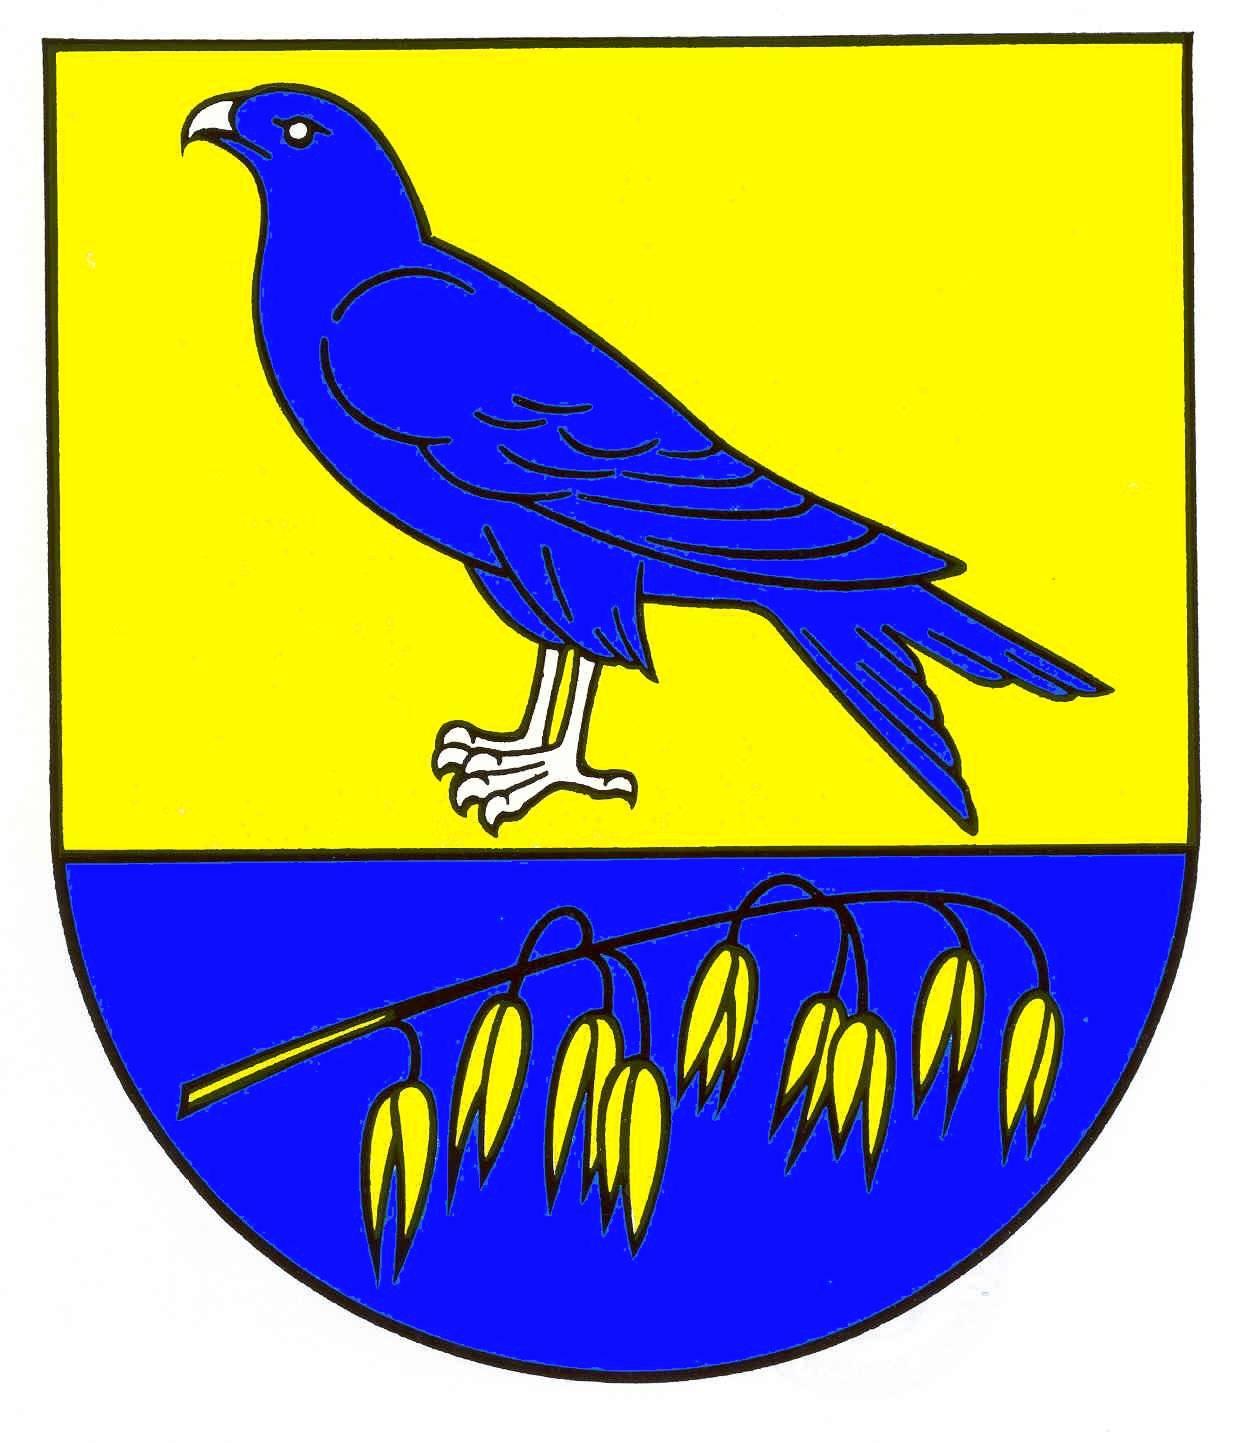 Wappen GemeindeGroßenwiehe, Kreis Schleswig-Flensburg